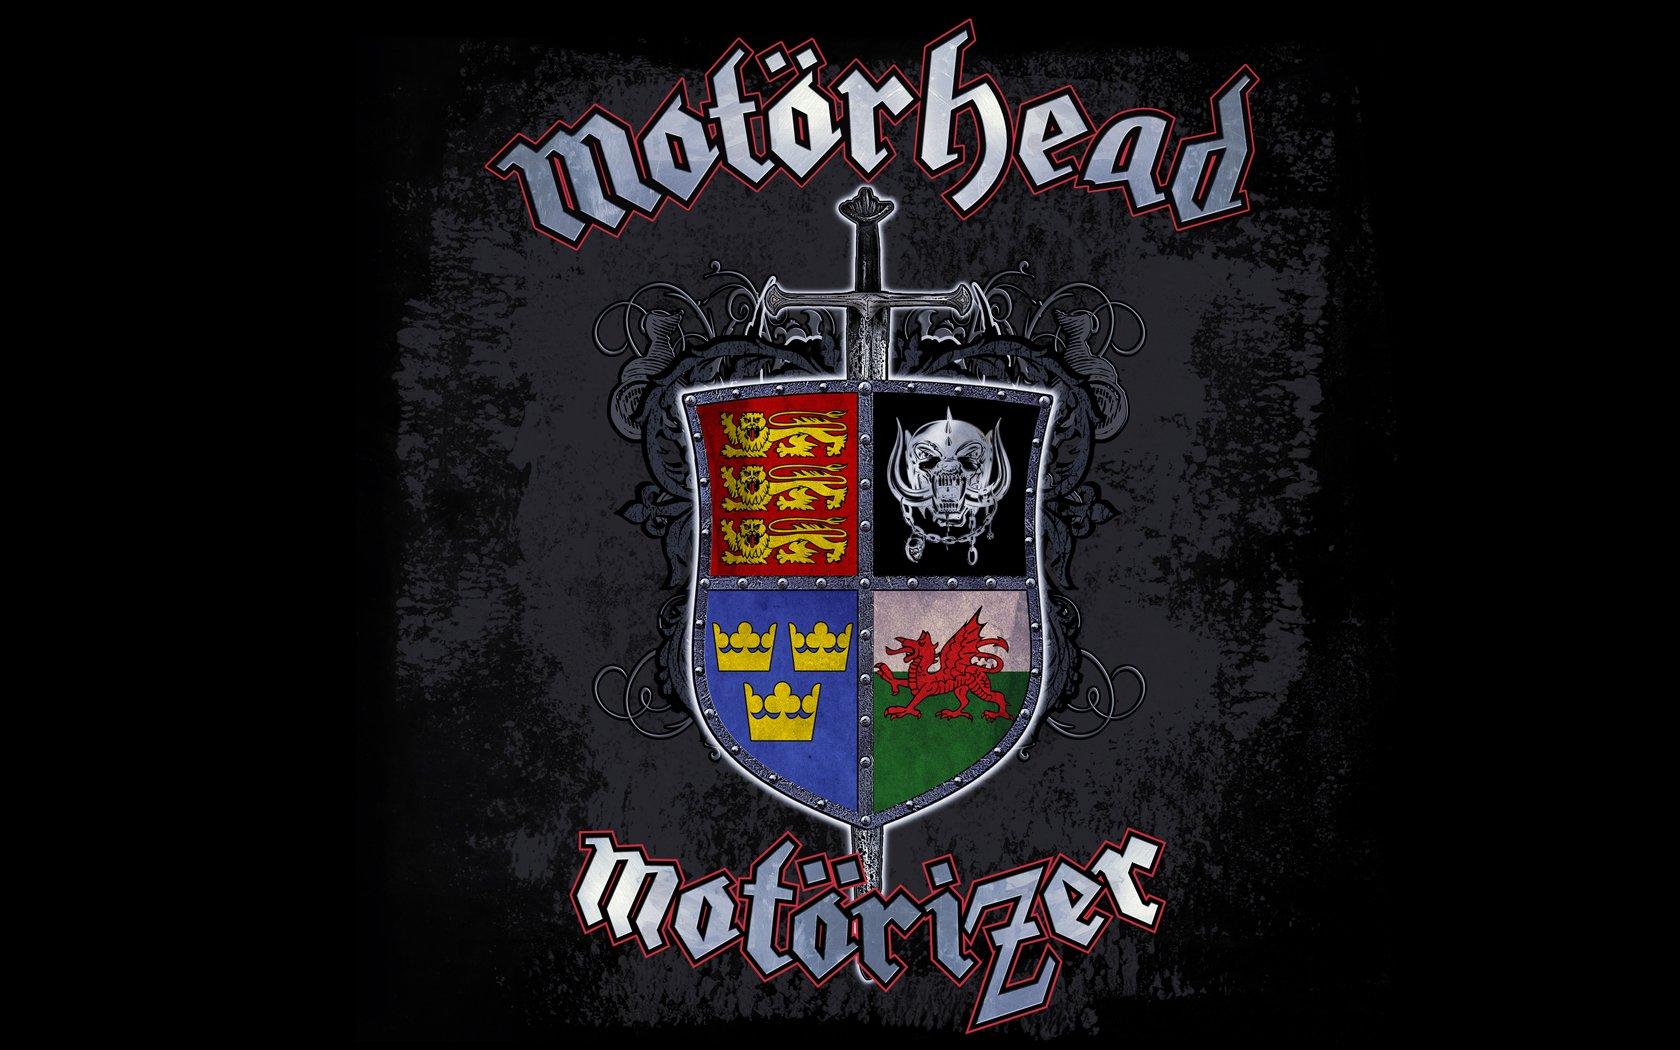 Wallpapers Motorhead Motorizer Myspace Backgrounds Motorhead 1680x1050